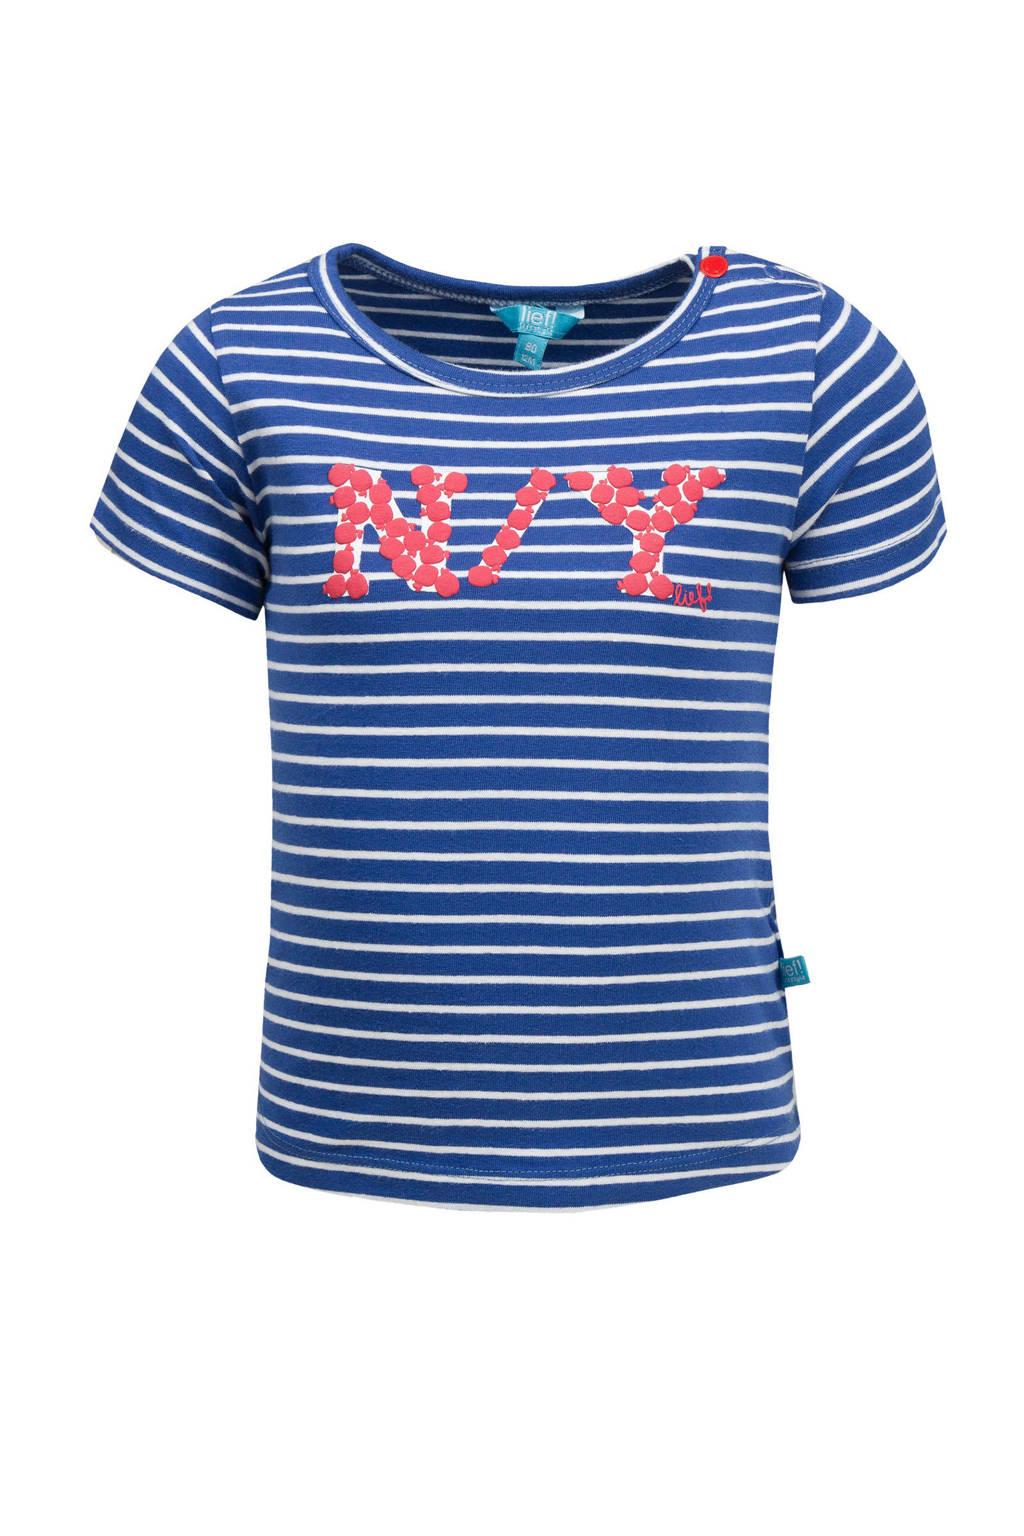 lief! gestreept T-shirt met print blauw/wit, Blauw/wit